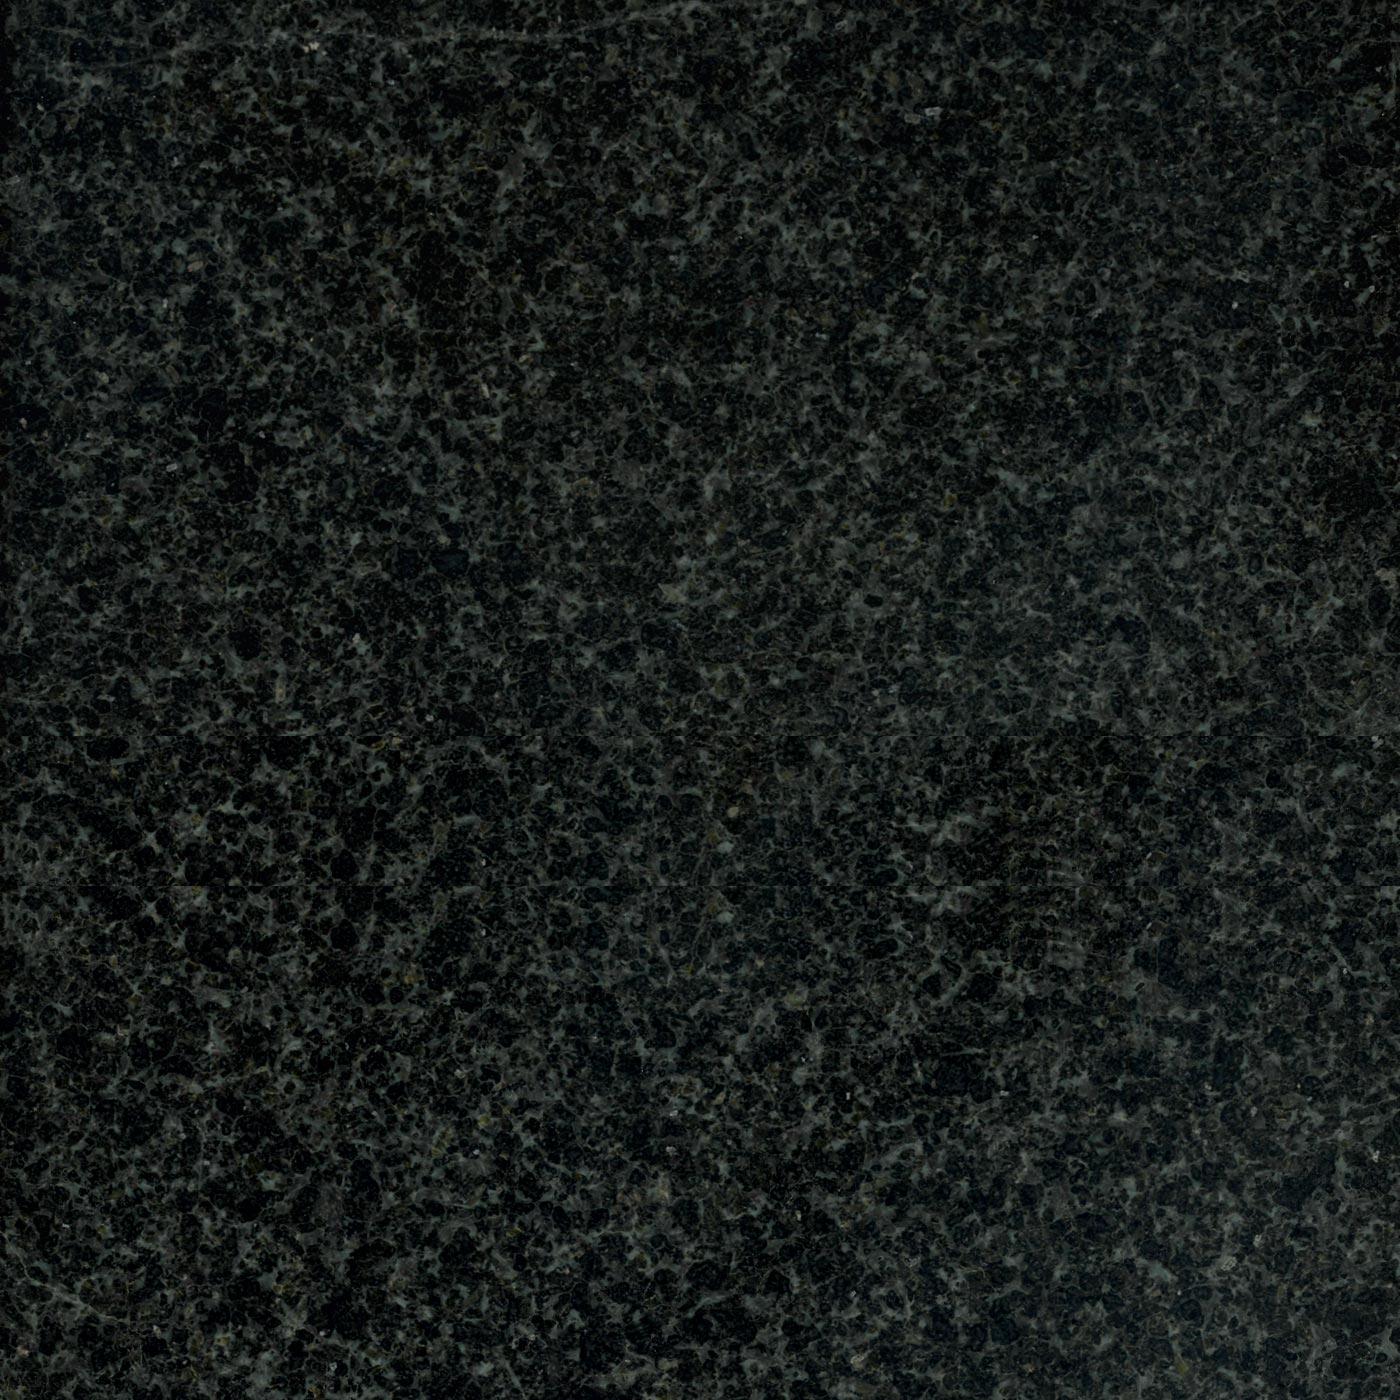 Шар. Габбро-диабаз Калуга Мемориальный комплекс из малинового кварцита и гранитов Прокопьевск